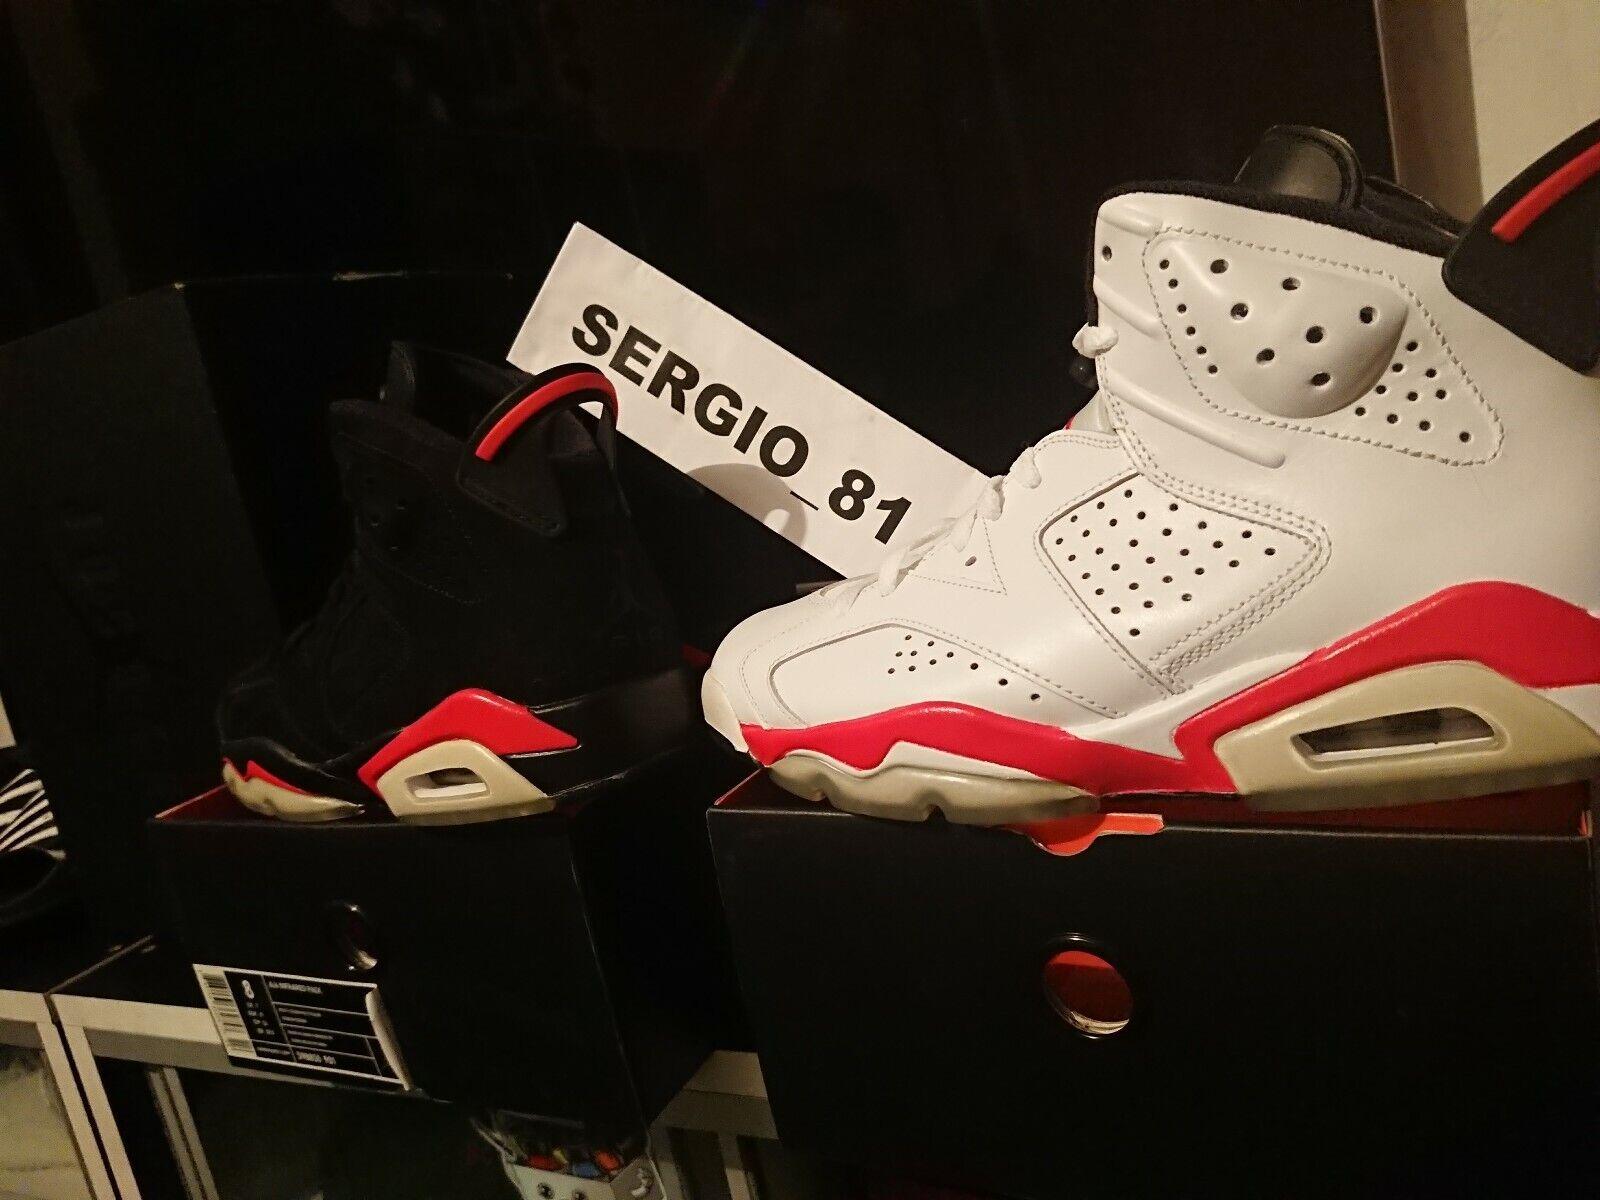 2010 Nike Air Jordan 6 Infrared Pack  398850 901 US8 100% AUTHENTIC